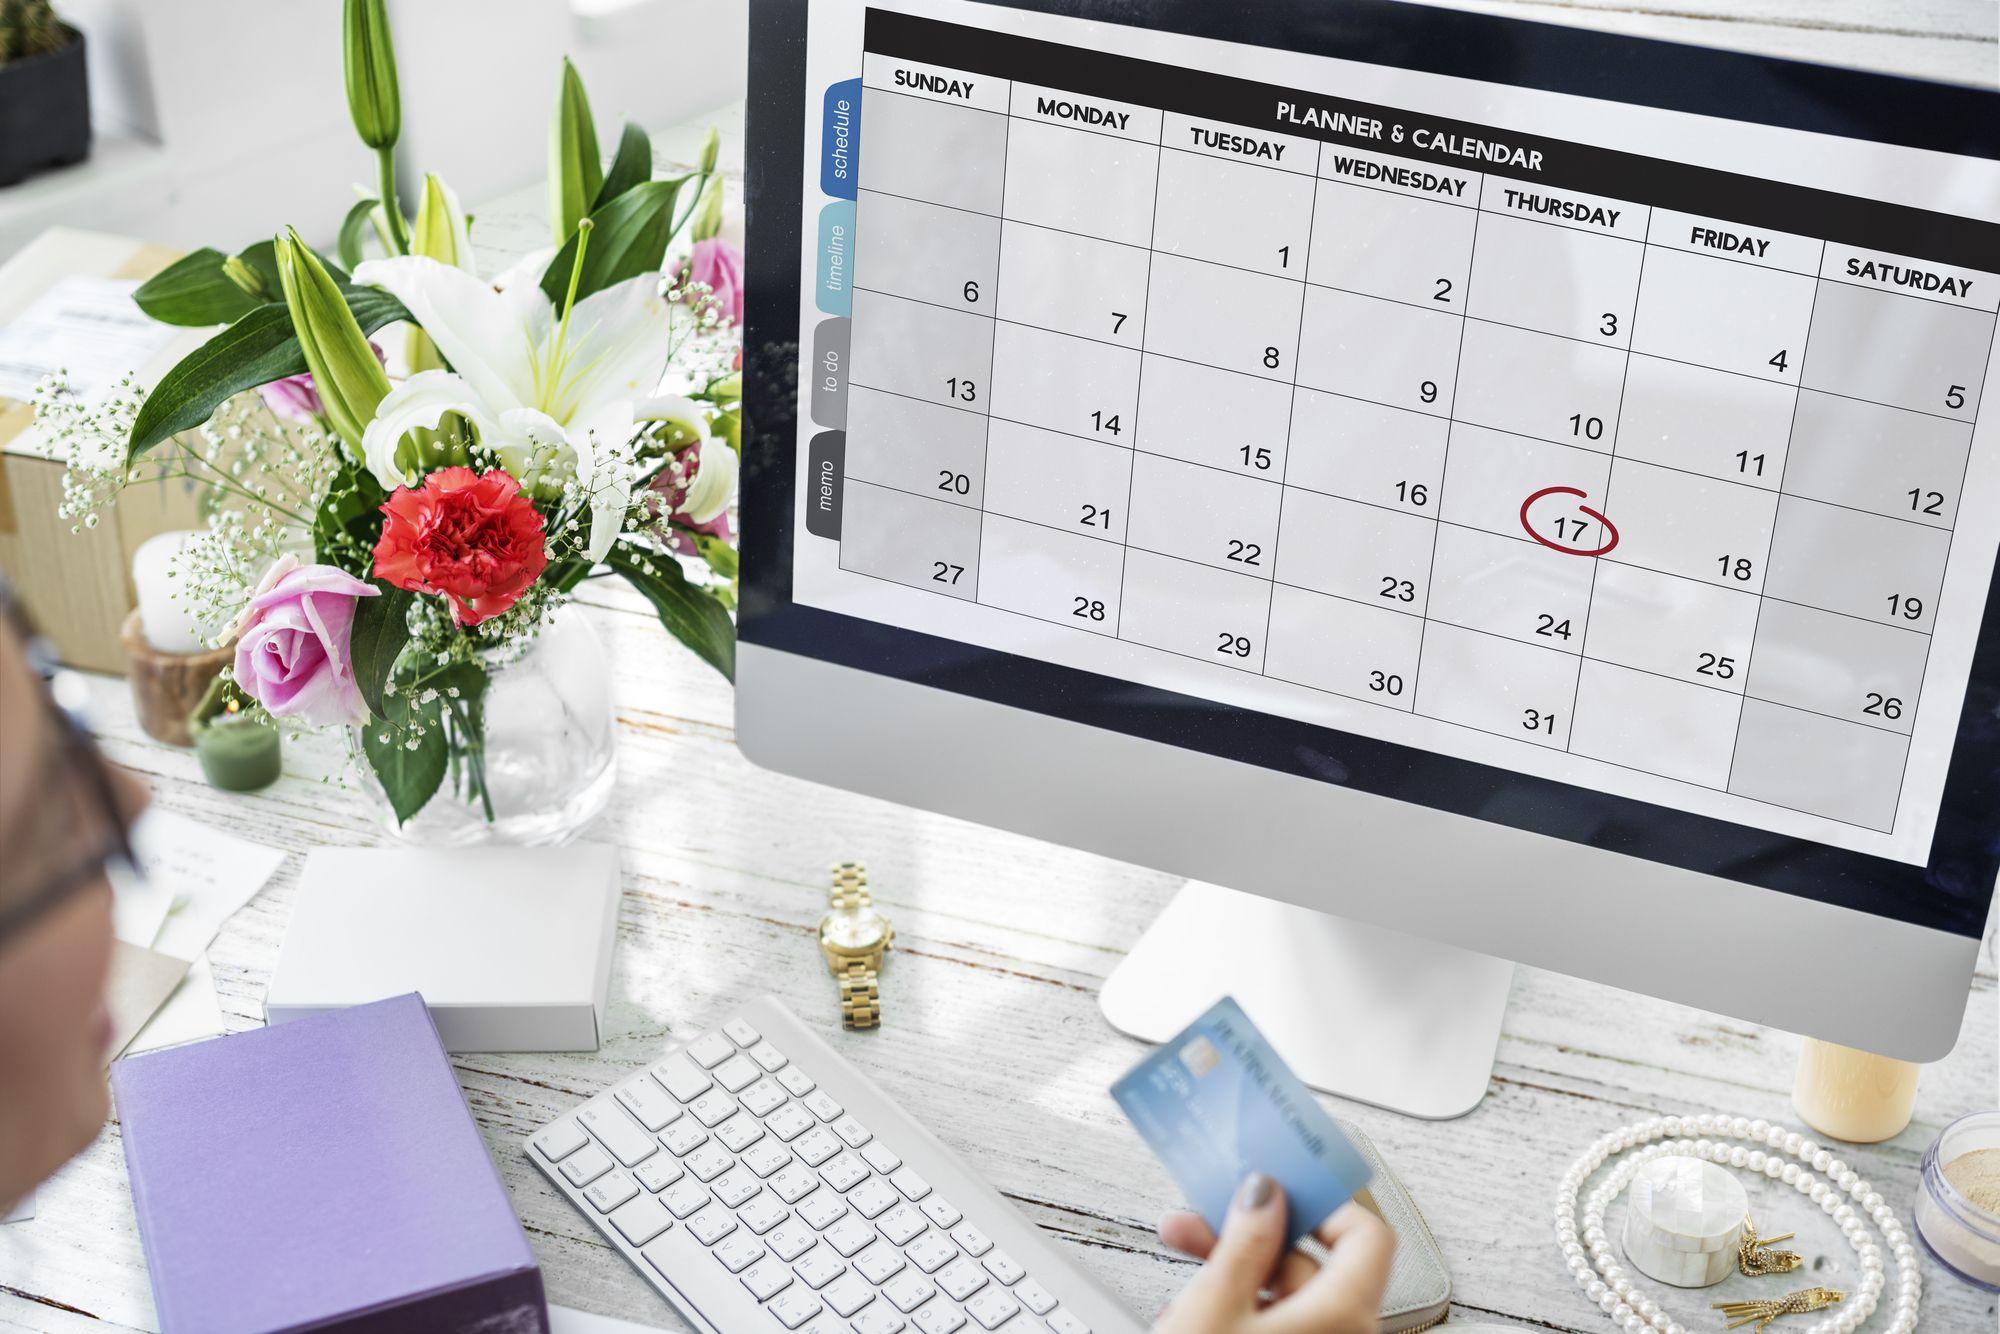 オリコカードの締め日・支払い日を解説!引き落としタイミングを把握して残高不足を防ぐ方法